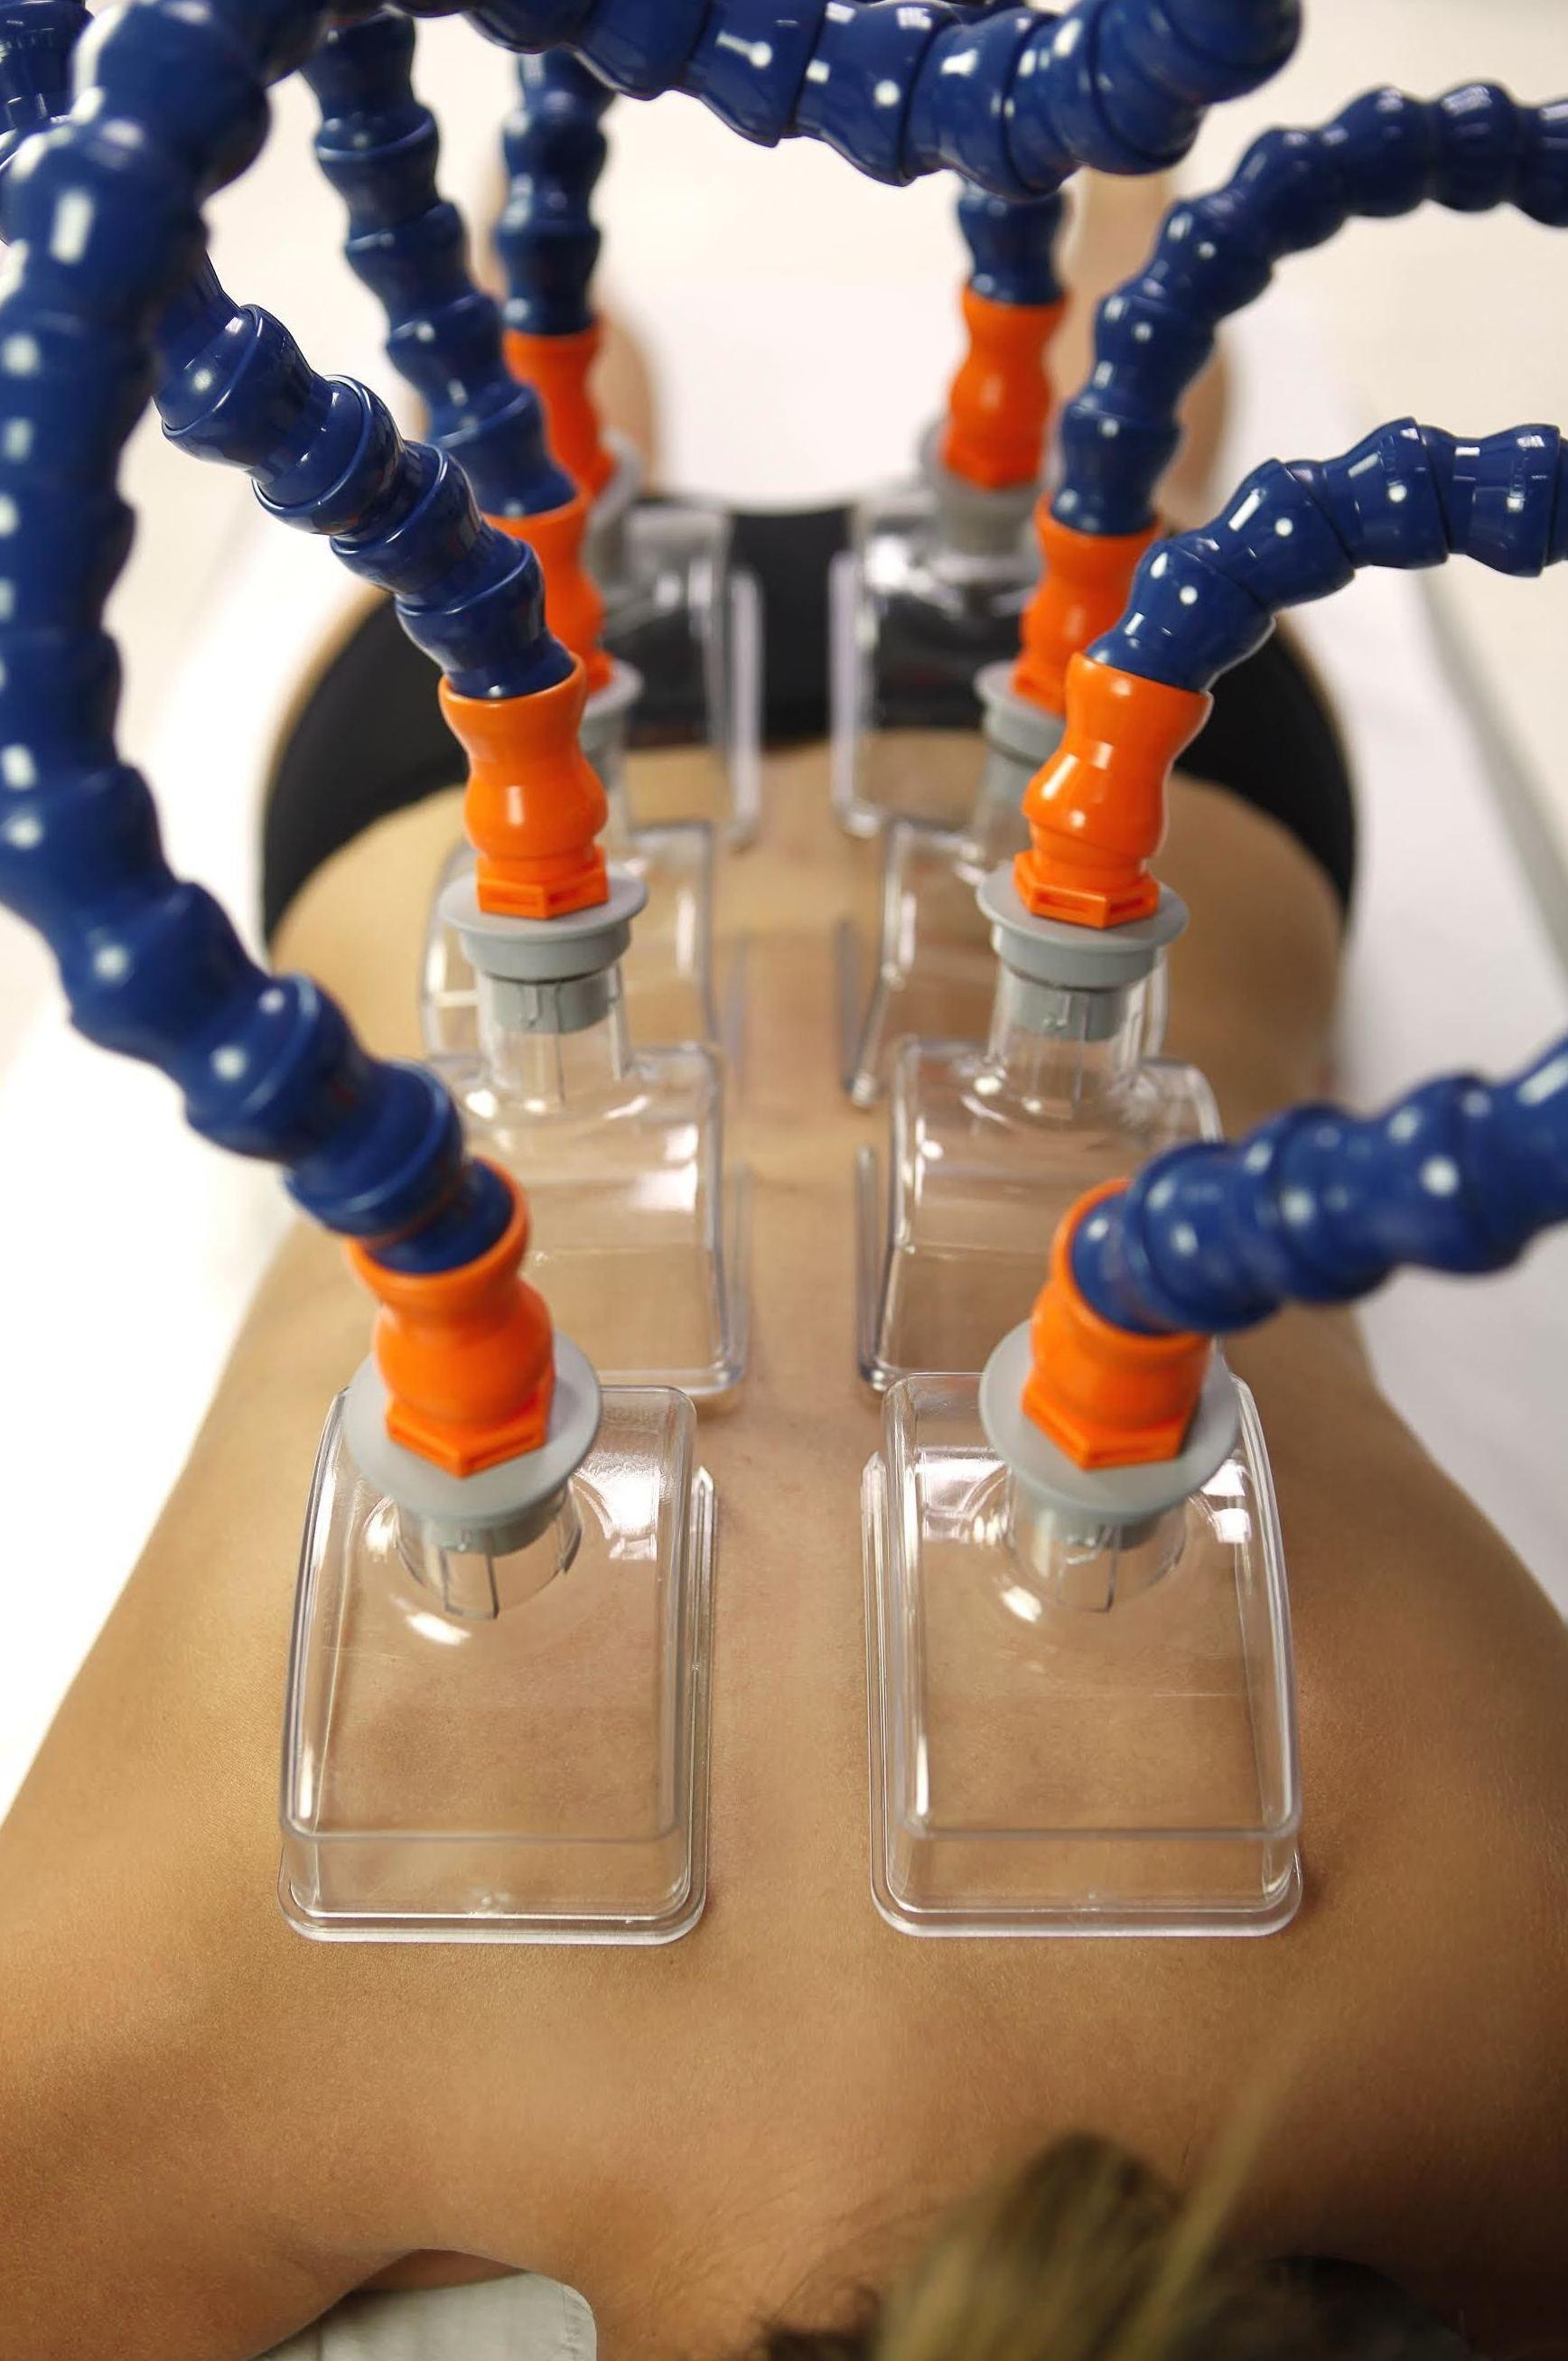 Formación de vendaje Neuromuscular para Fisioterapeutas en Madrid/cursos de vendaje nueromuscular para fisios en madrid